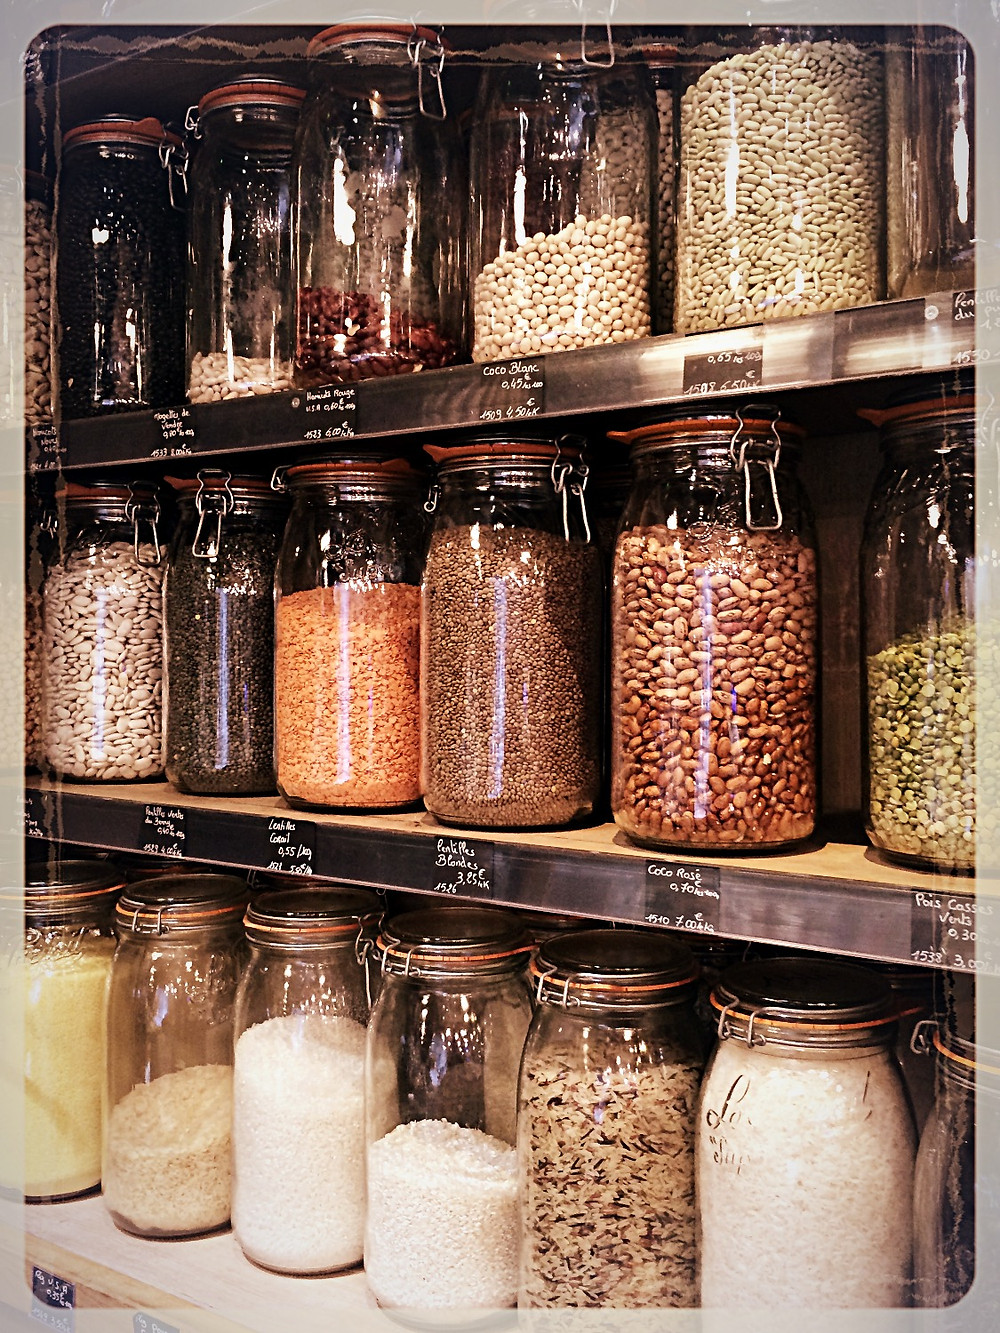 Légumes secs et céréales vendues en vrac ©Clémentine Chauveau